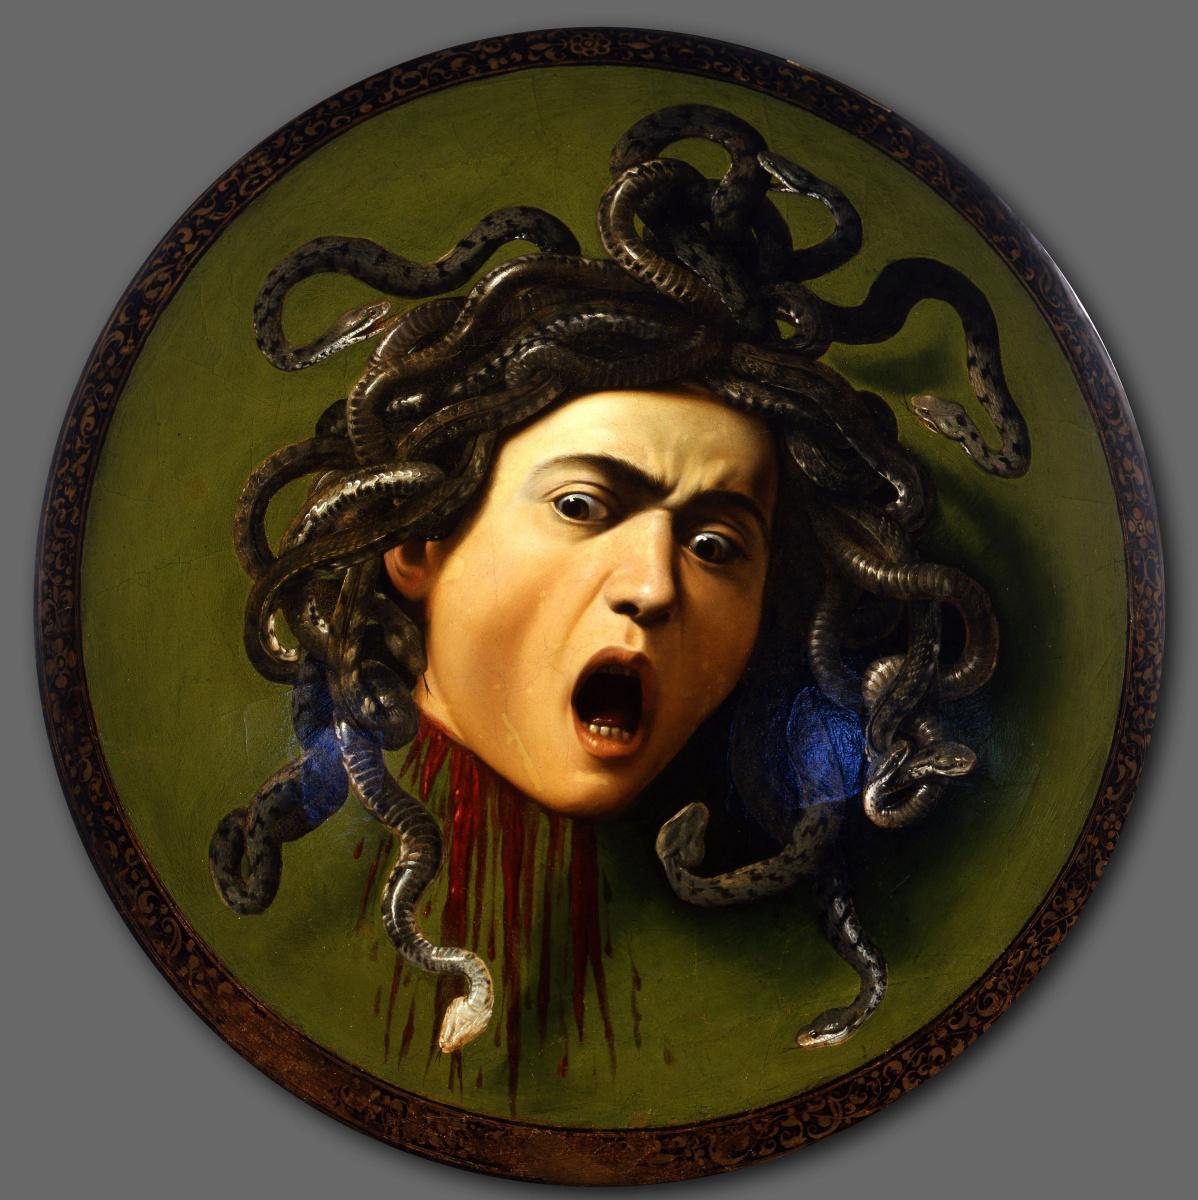 Страшно красиво. ТОП-13 картин с чудовищами и монстрами